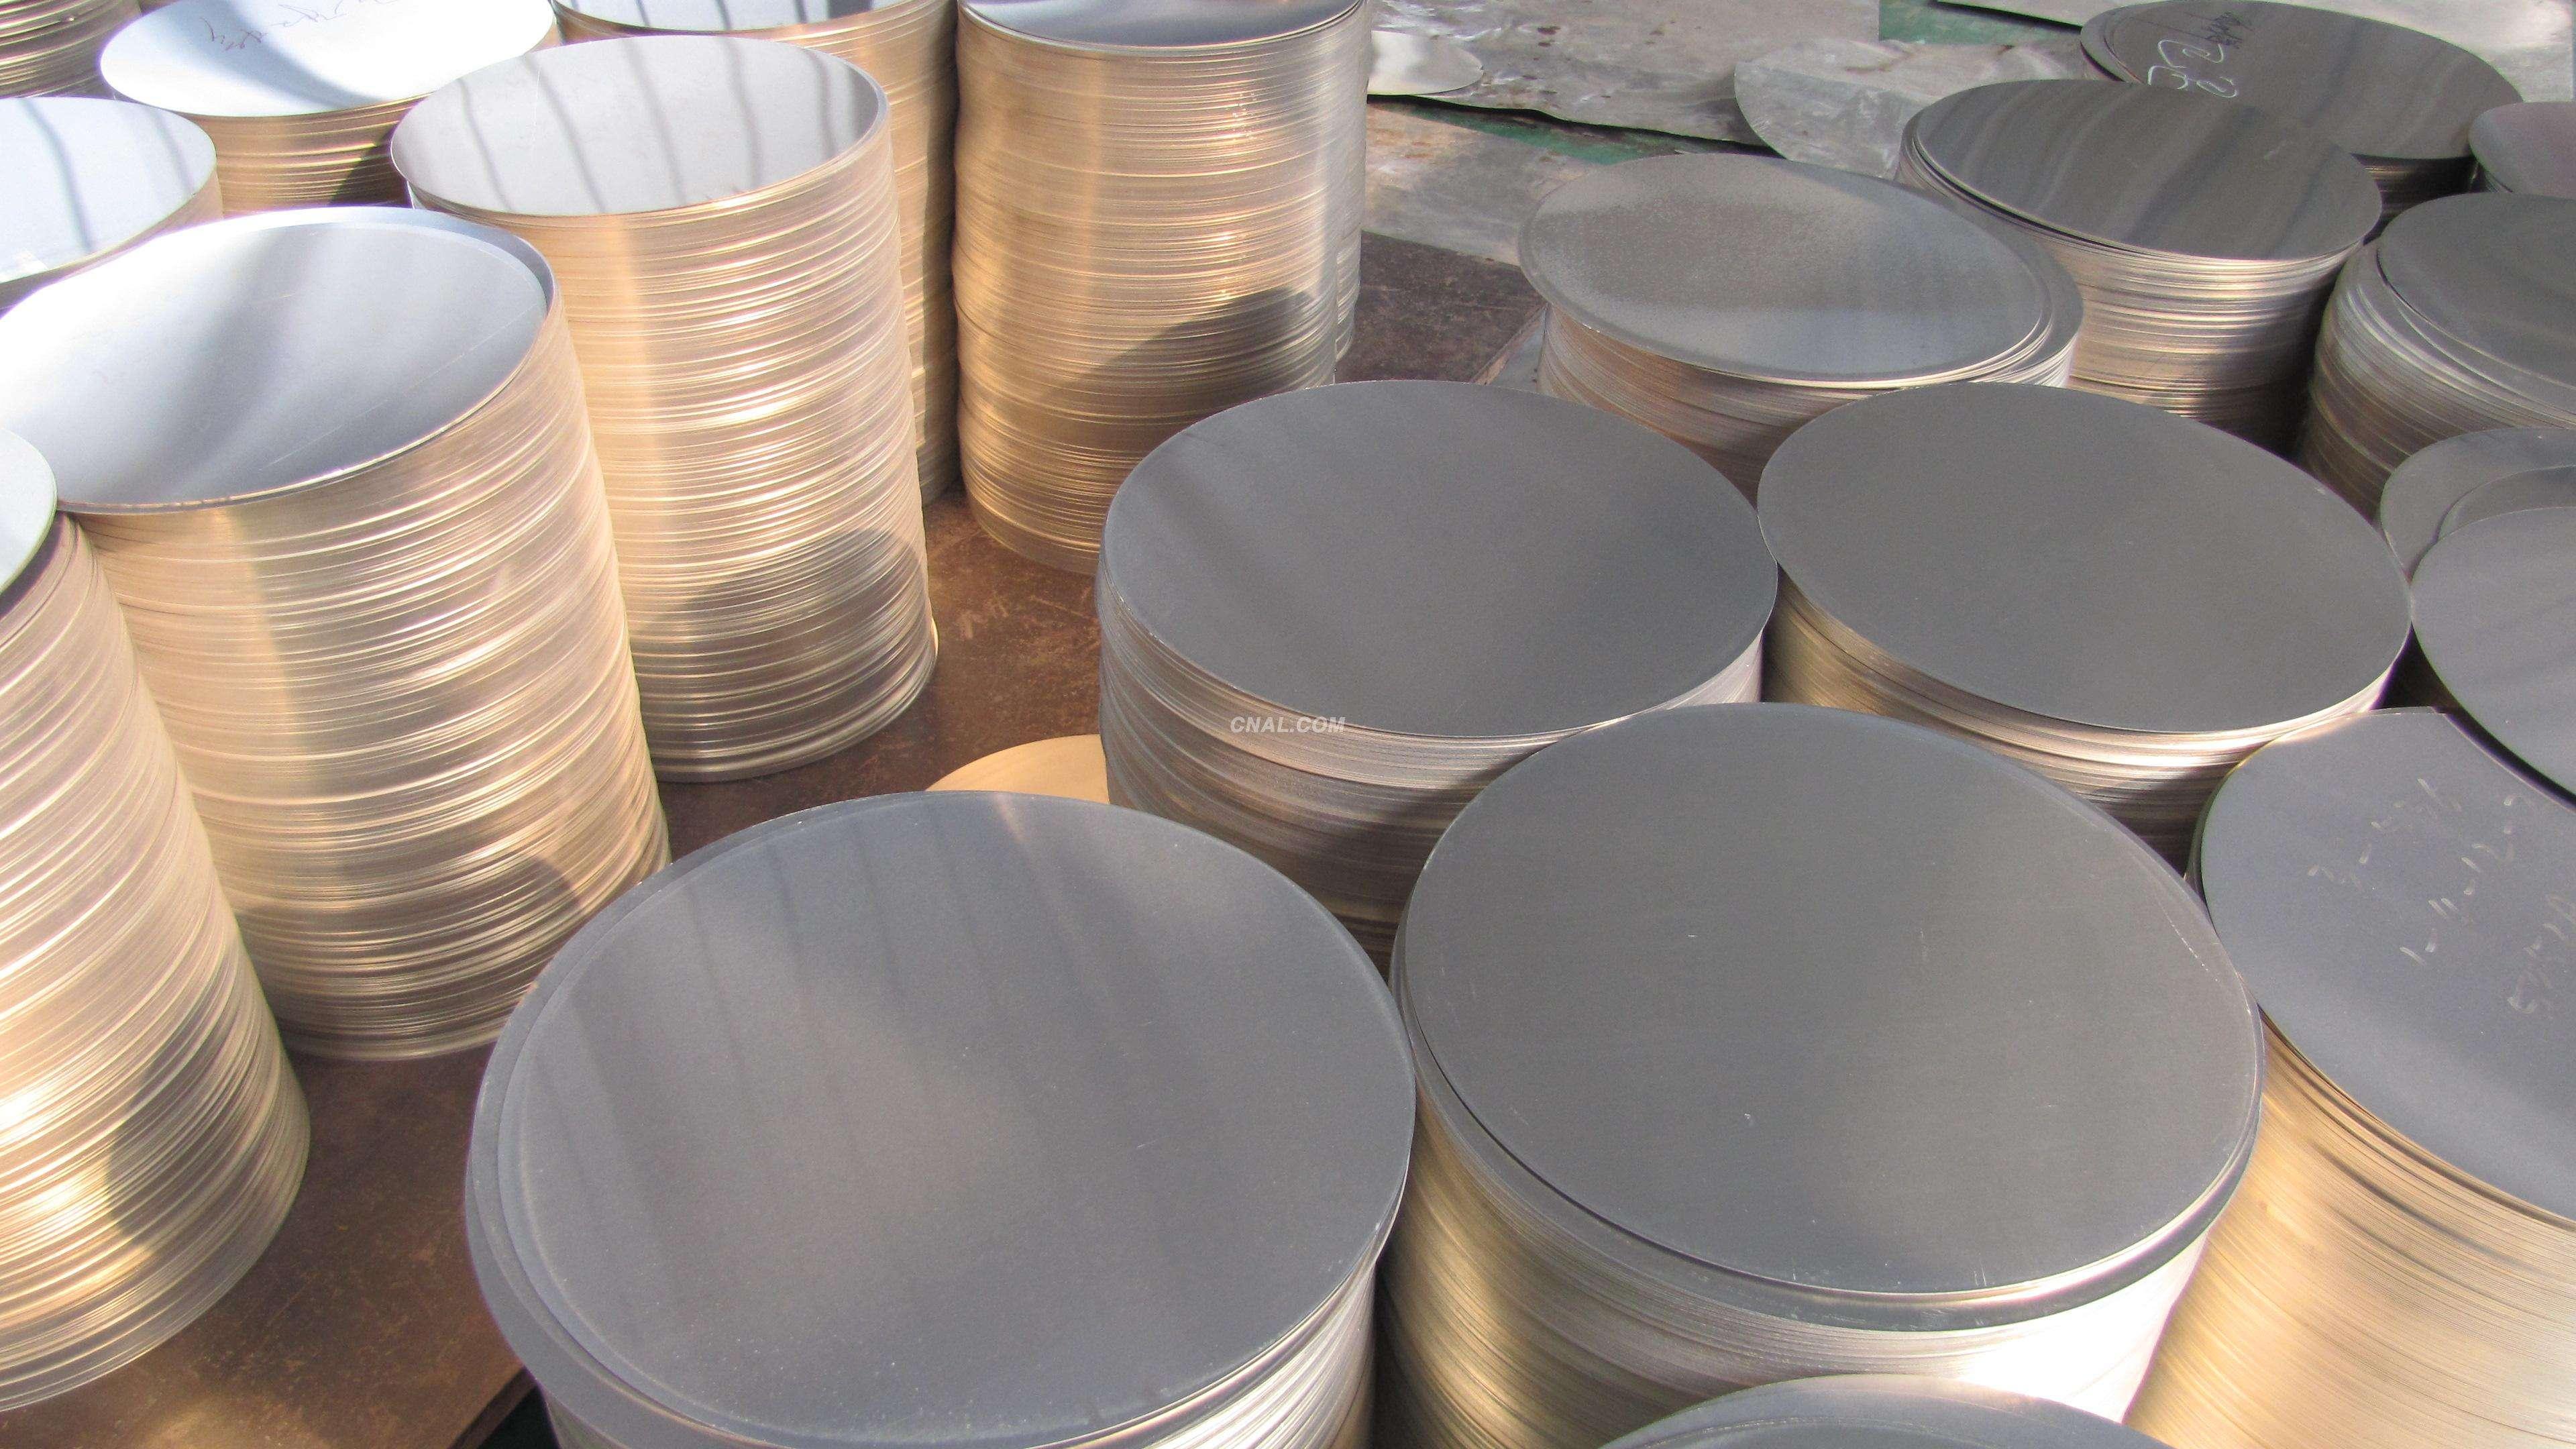 原材料工业司组织召开电解铝行业发展座谈会